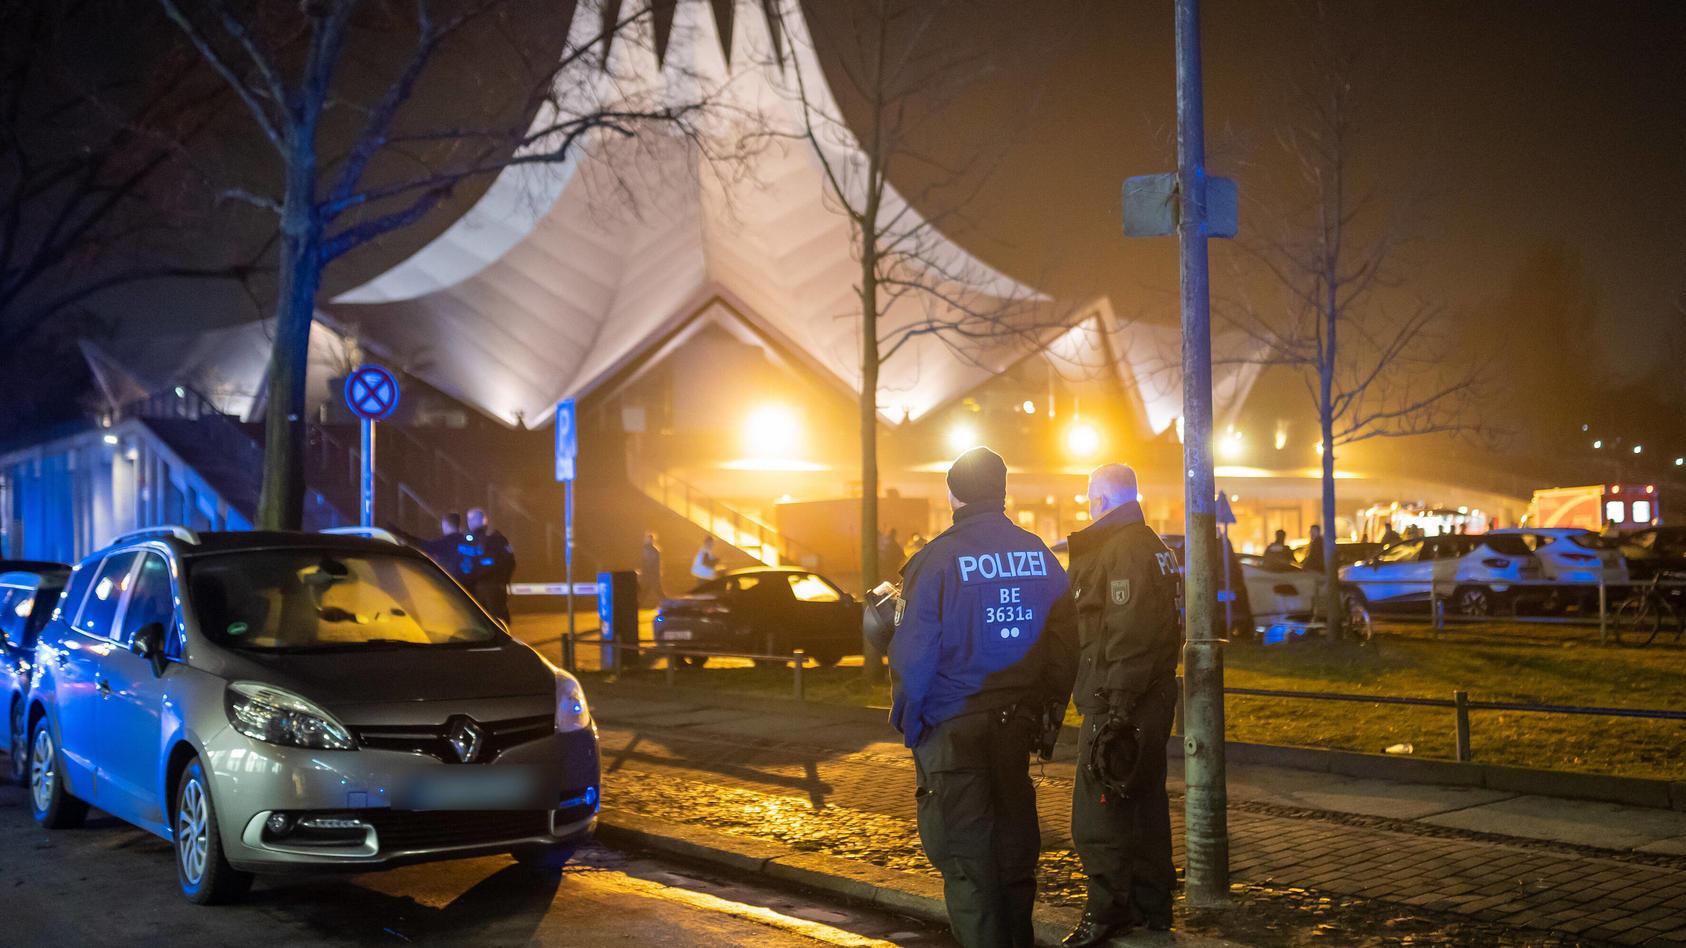 Vor dem Tempodrom in Berlin-Kreuzberg ist am Freitagabend ein Mensch erschossen worden.